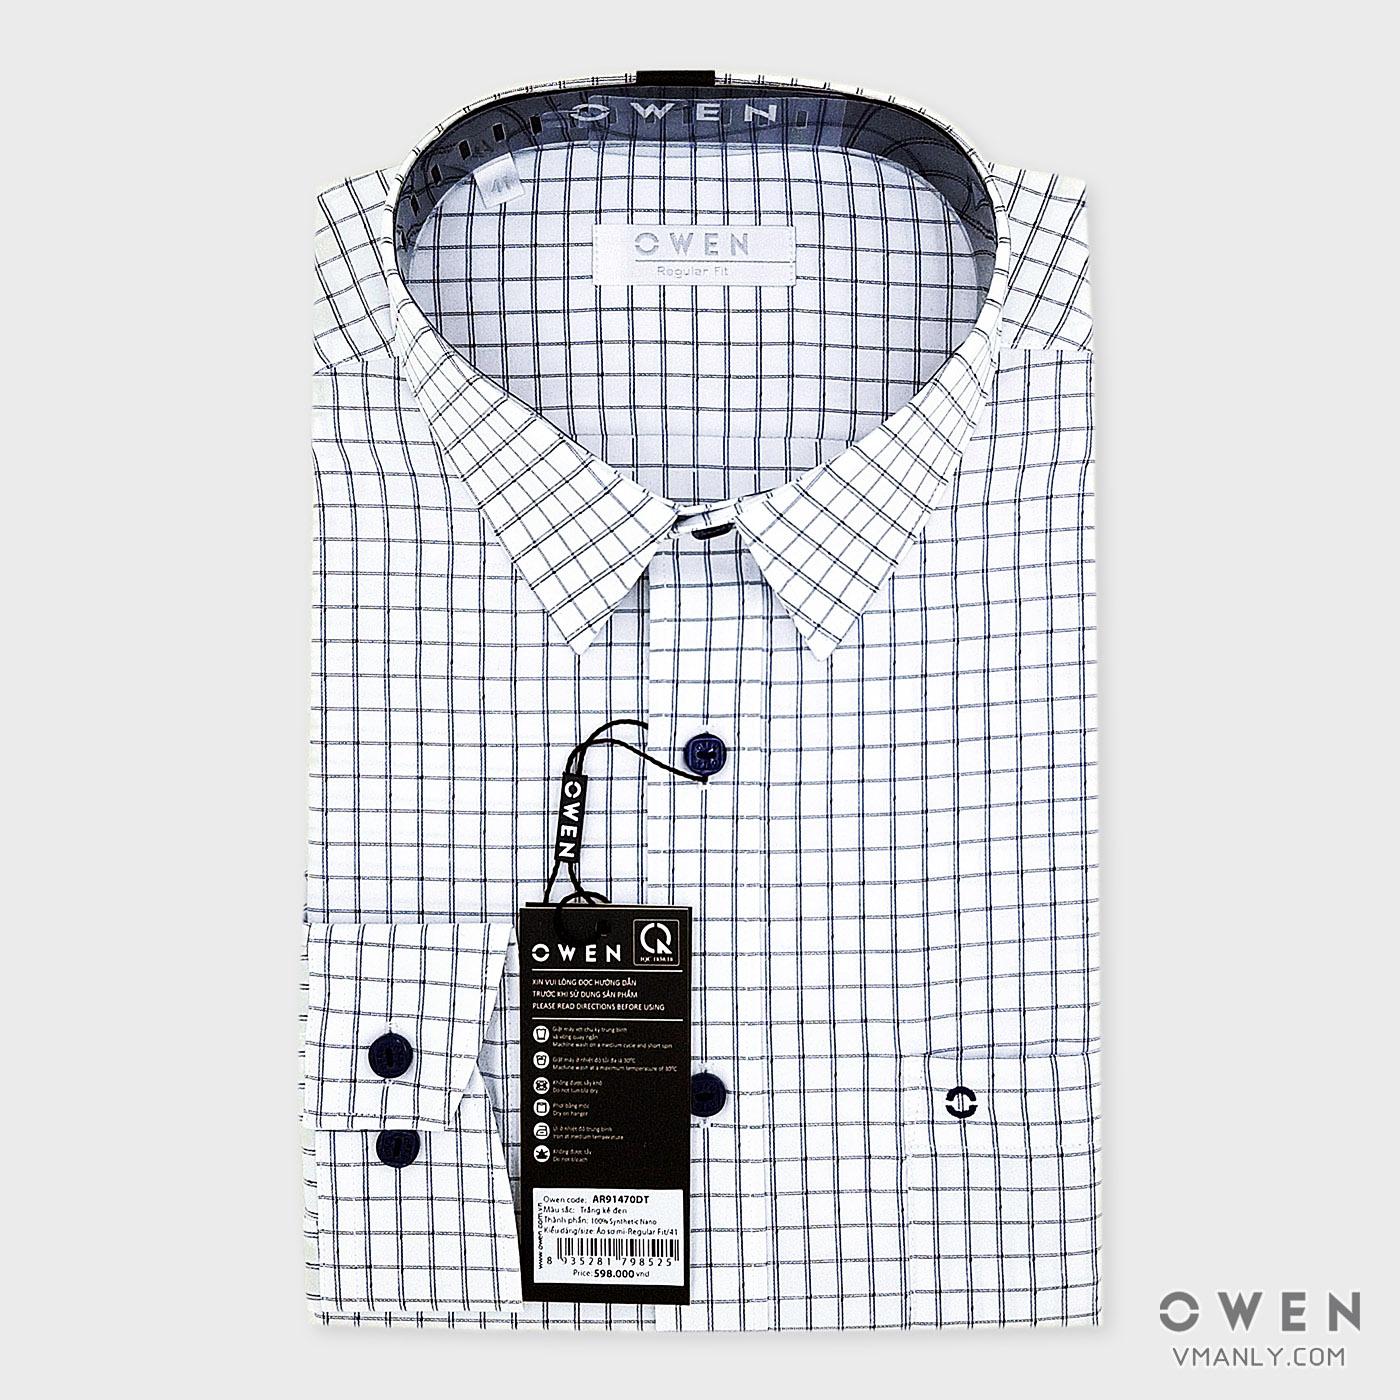 Áo sơ mi nam dài tay Owen có túi regular fit màu trắng kẻ caro AR91470DT